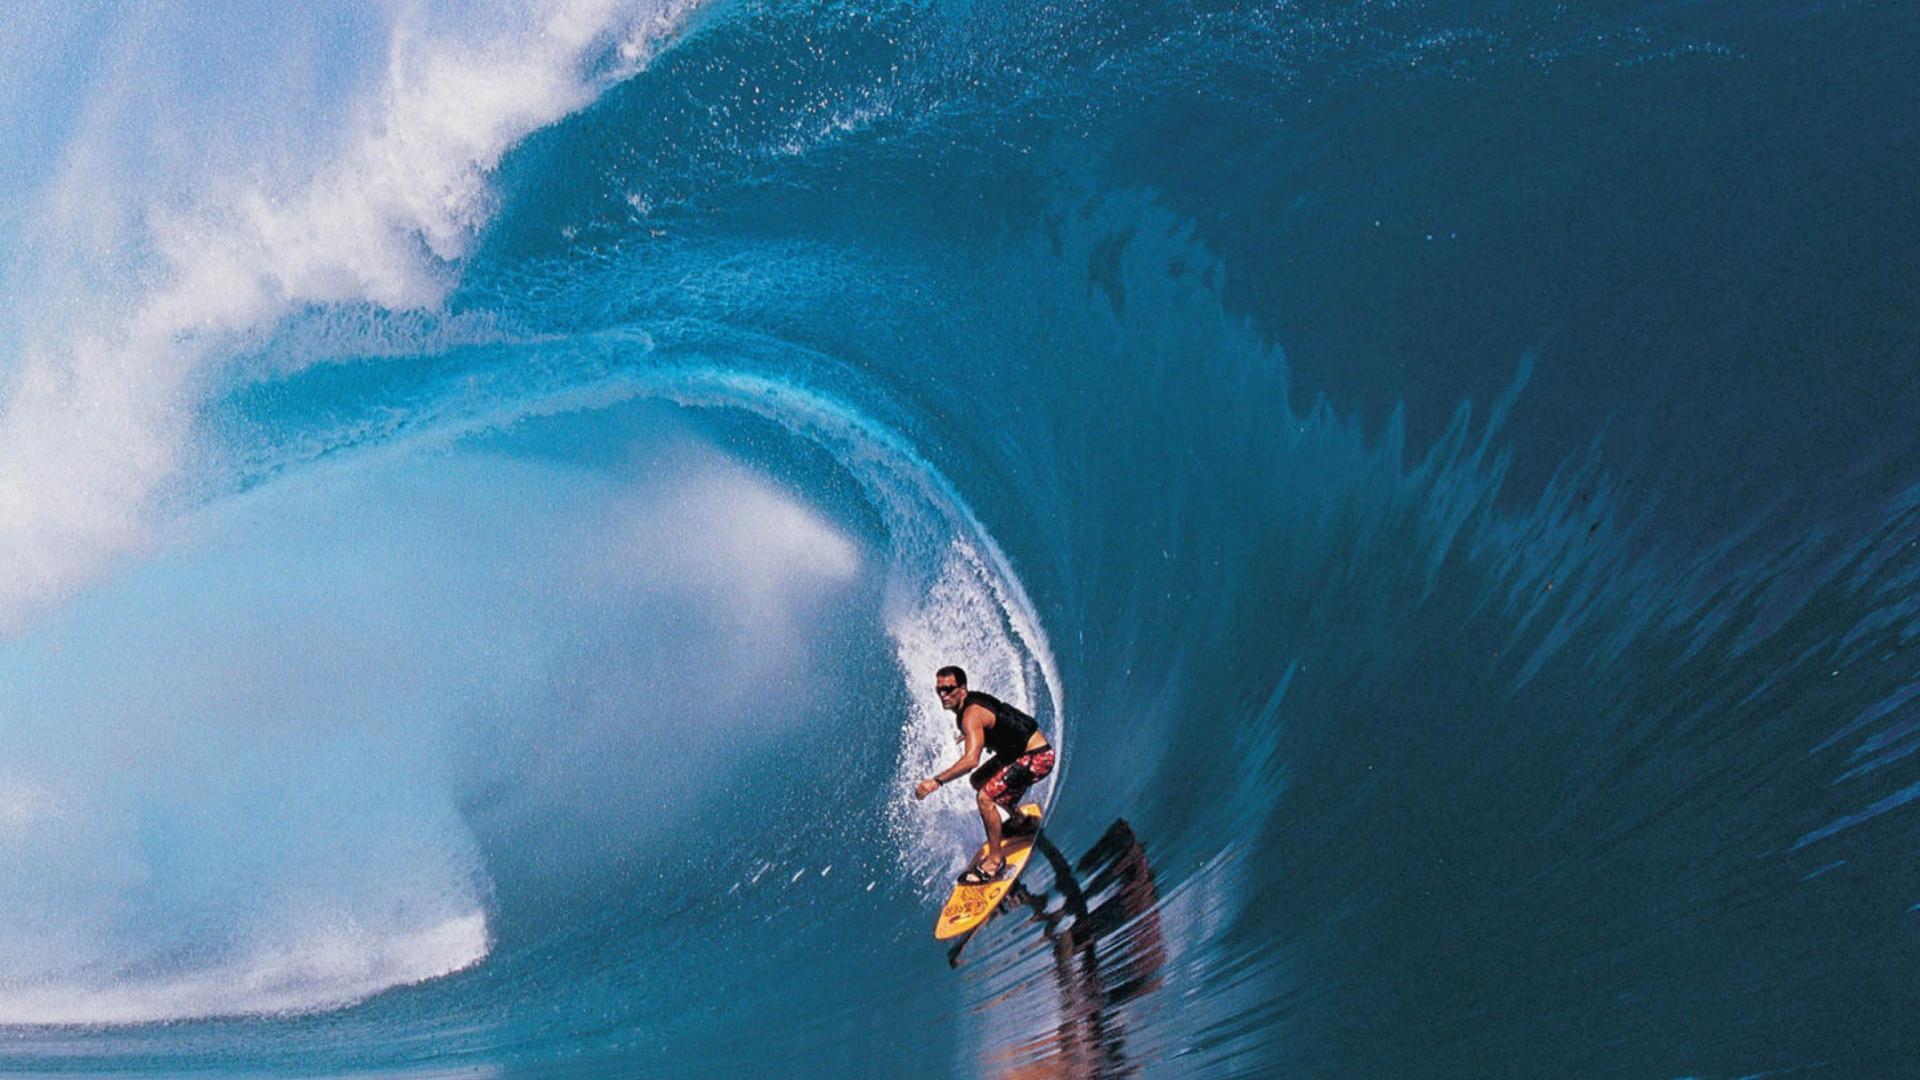 Box head surf photos